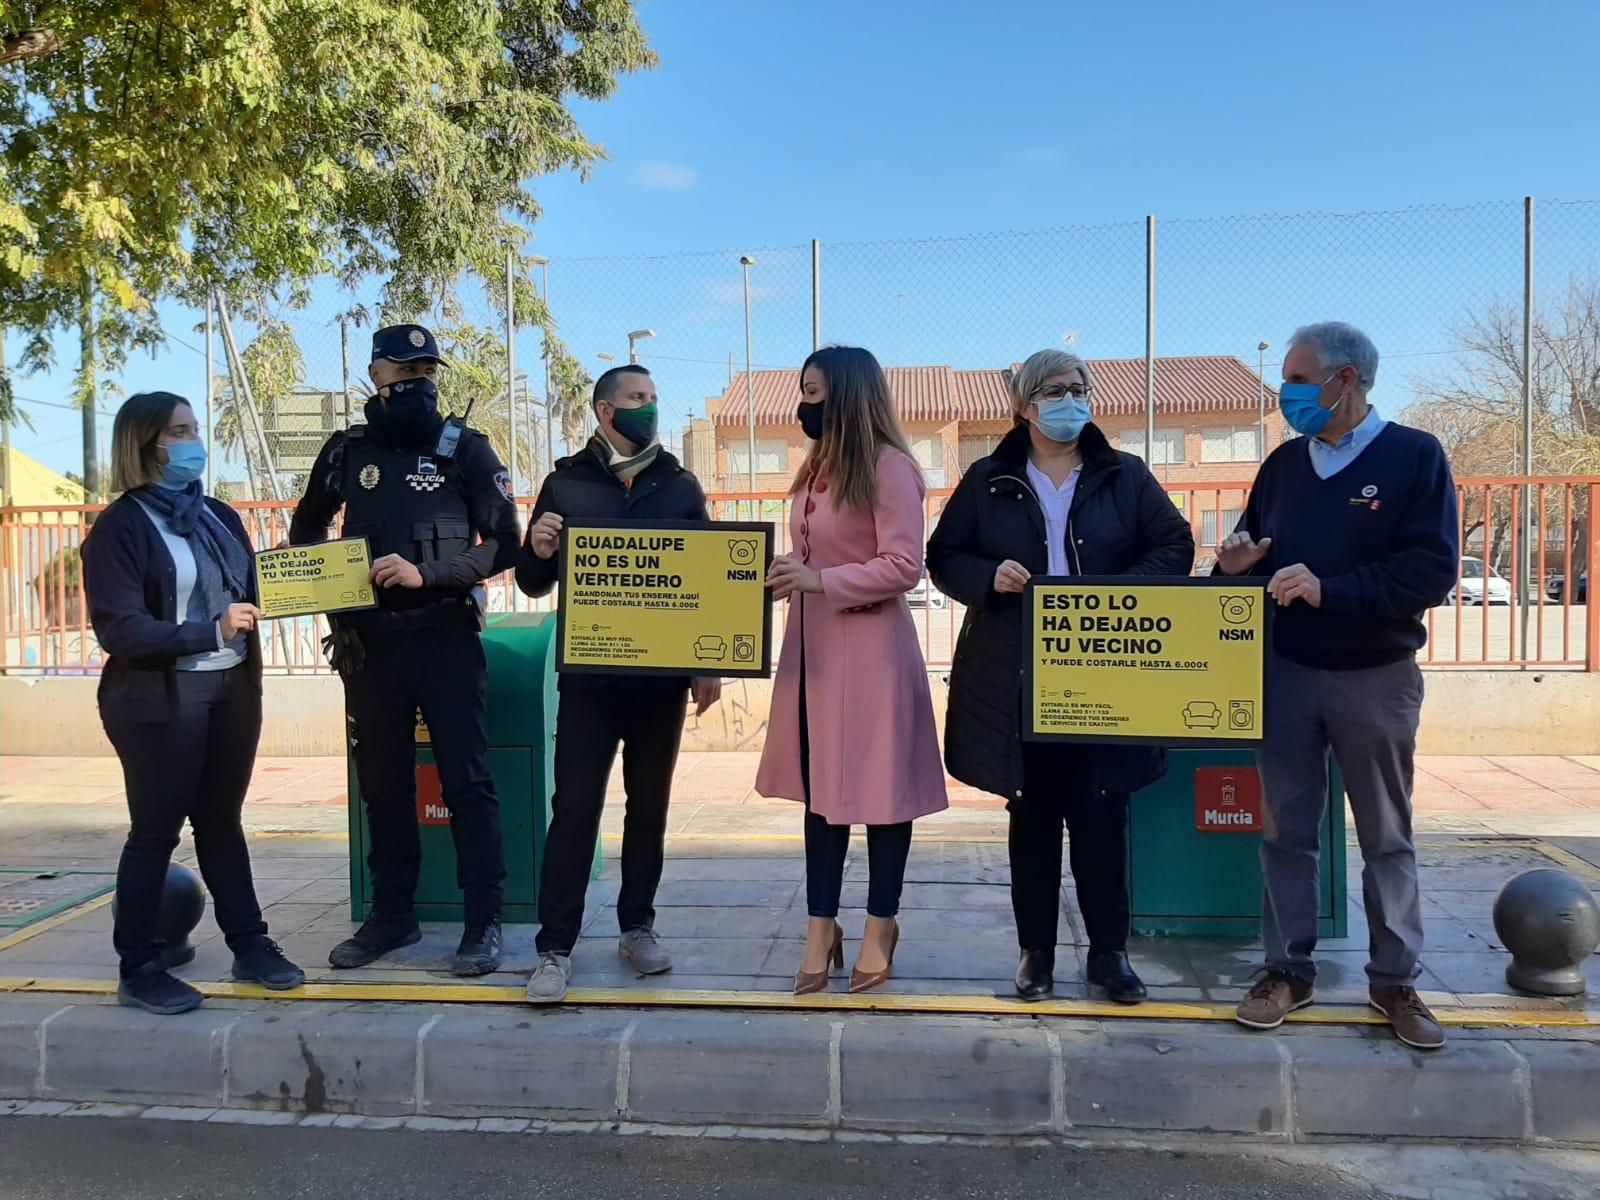 La concejala Rebeca Pérez (c), con las Brigadas Cívidas, presentando las nuevas medidas de la campaña de concienciación. Imagen: Ayto. Murcia